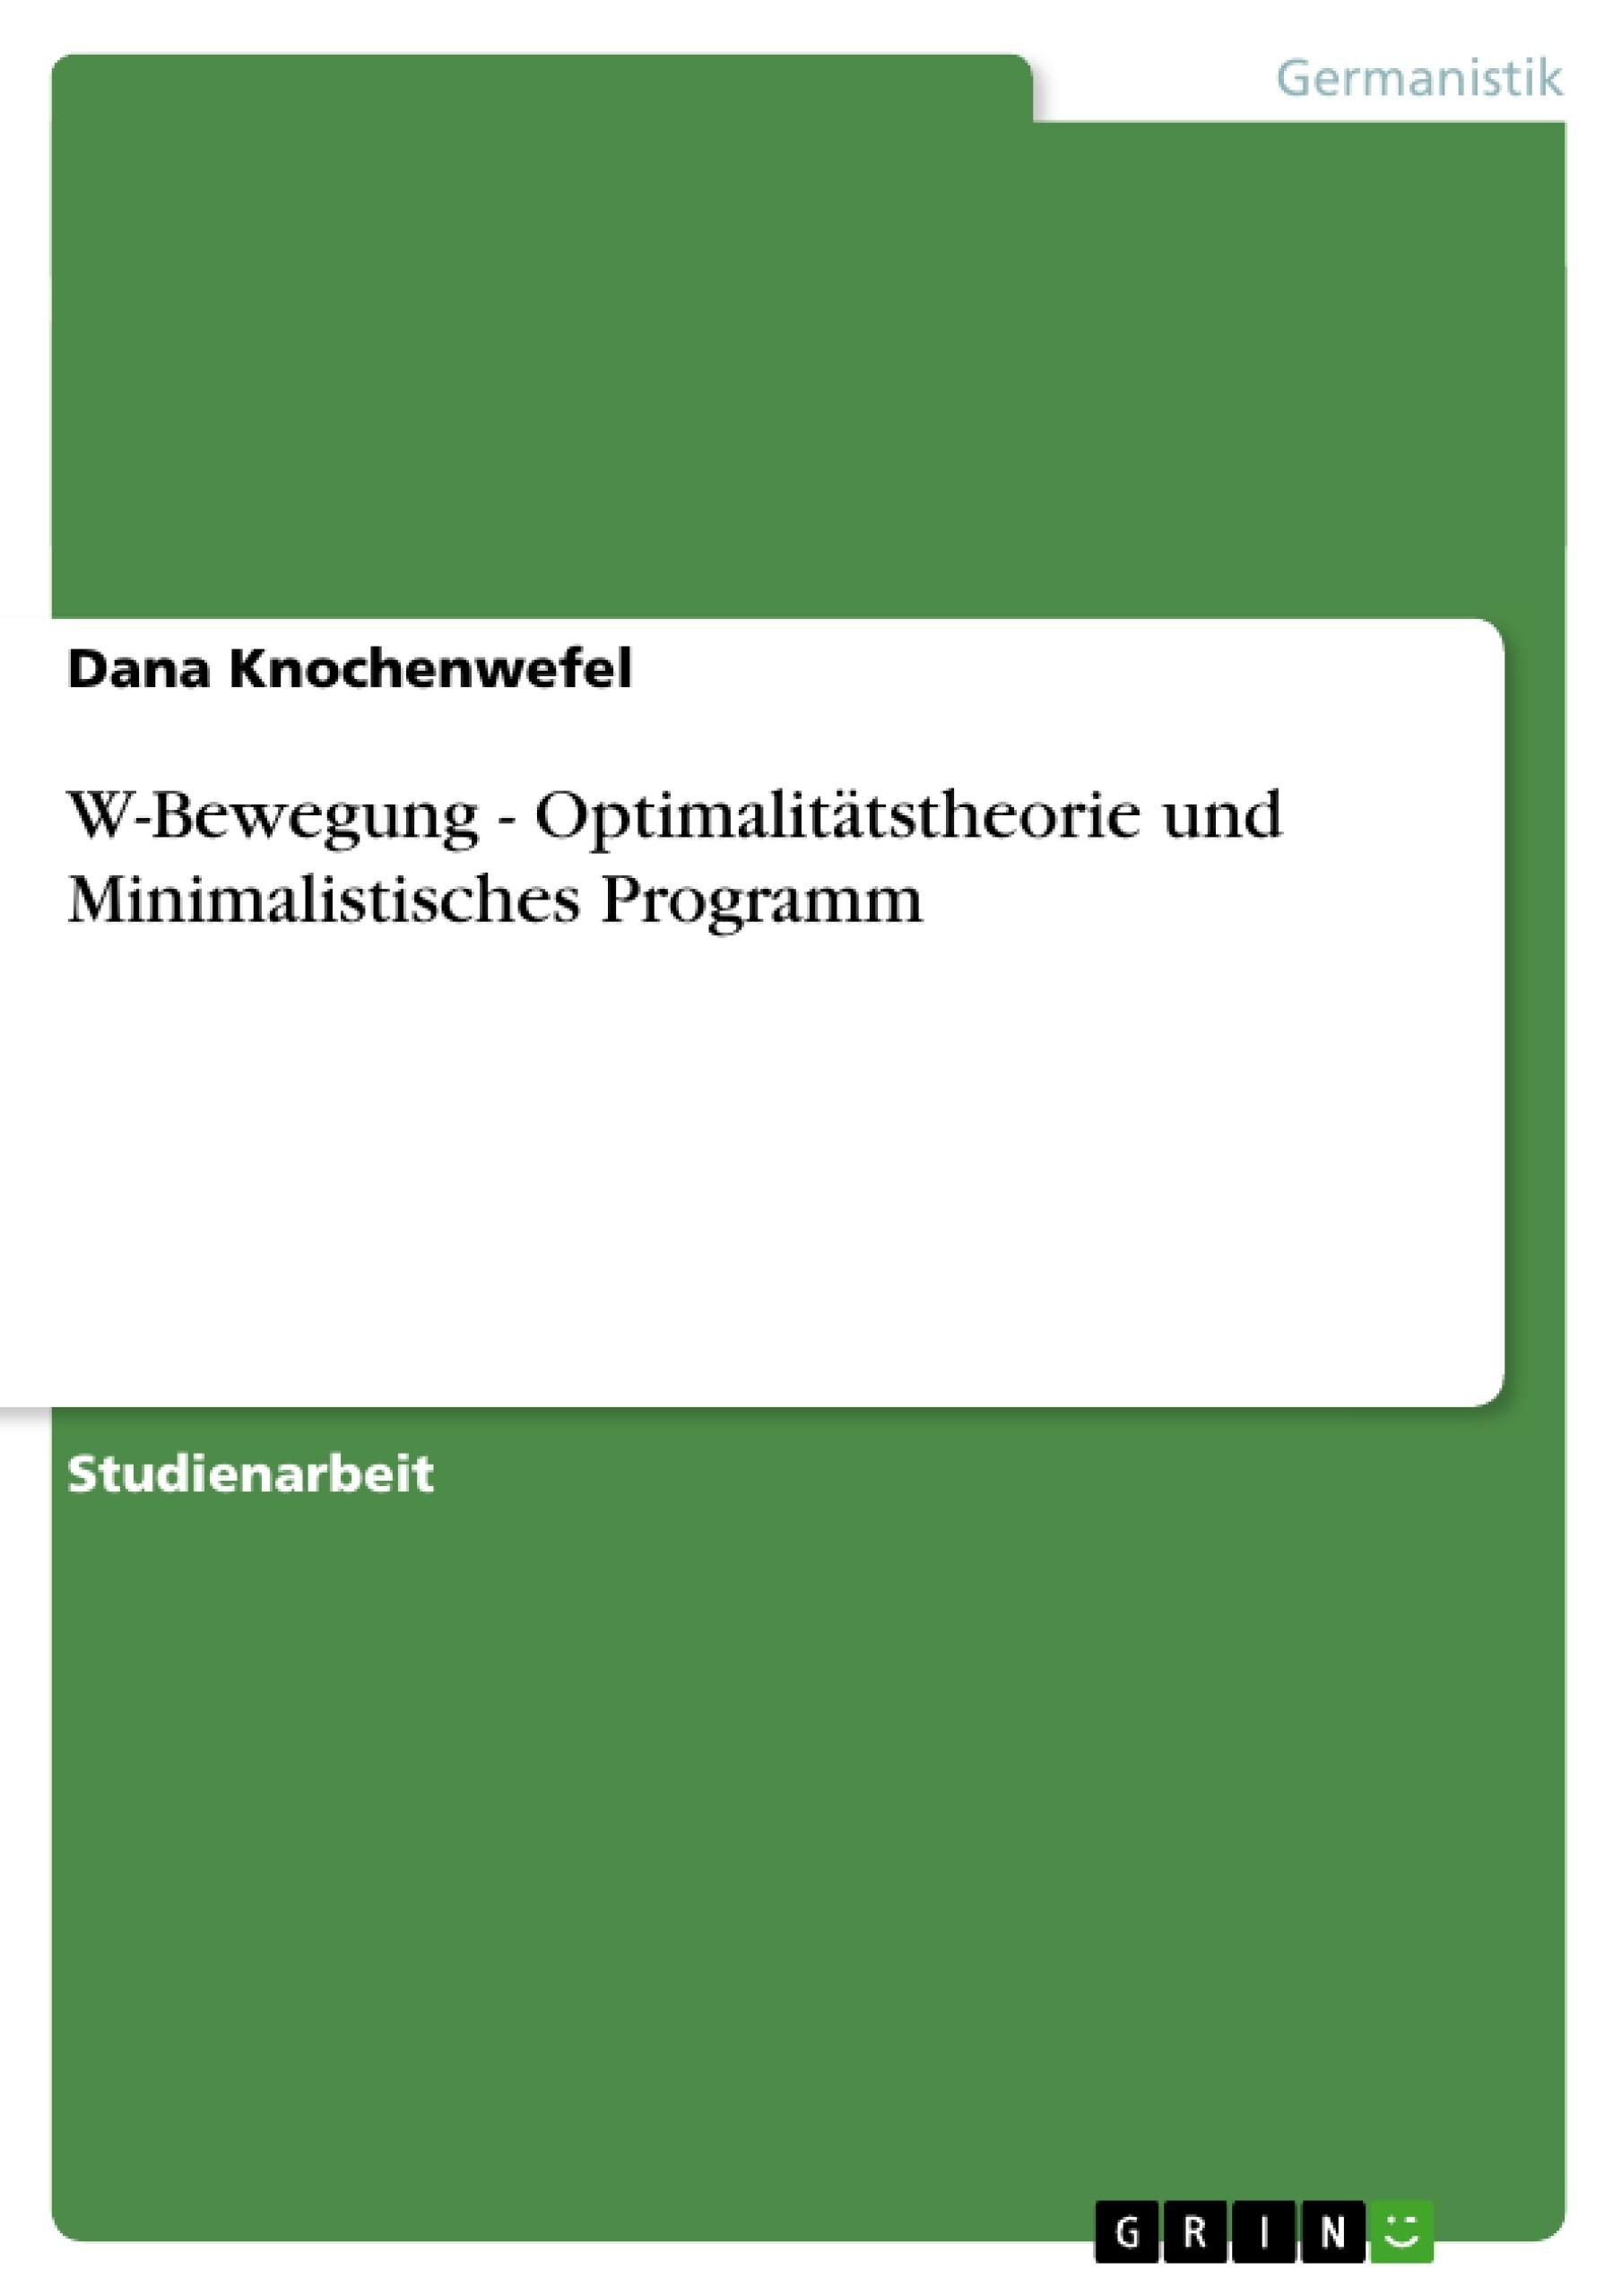 Titel: W-Bewegung  - Optimalitätstheorie und Minimalistisches Programm